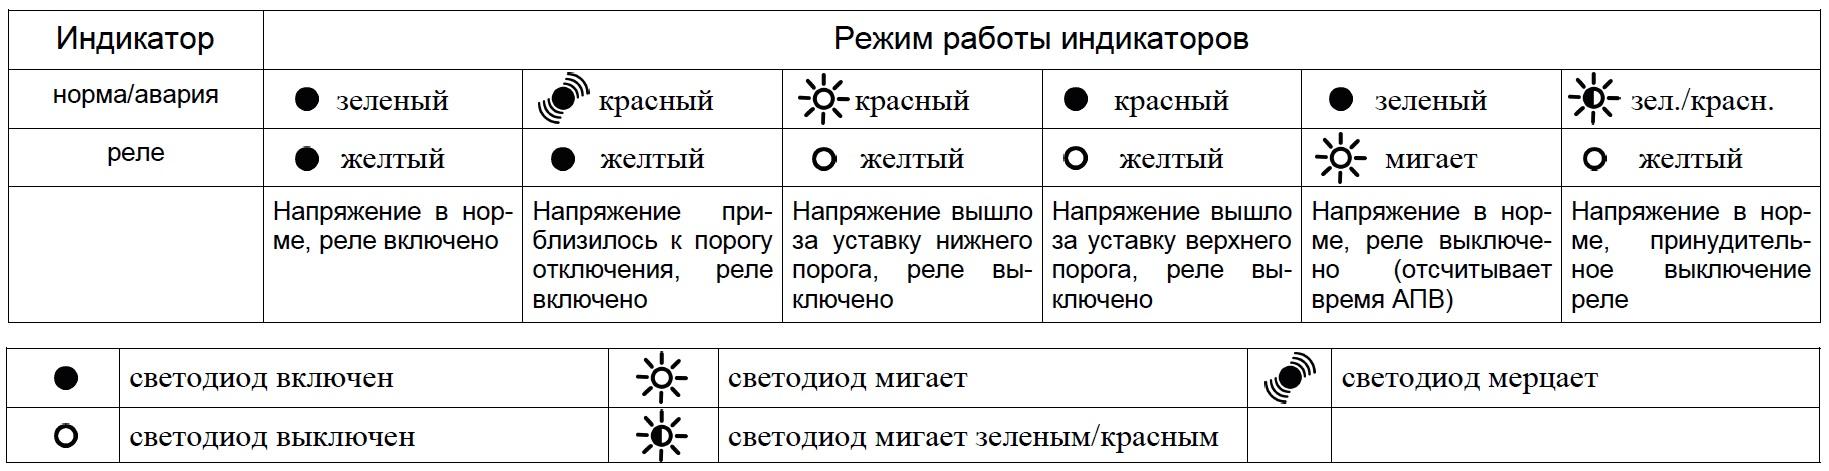 Индикация работы УЗМ-51М